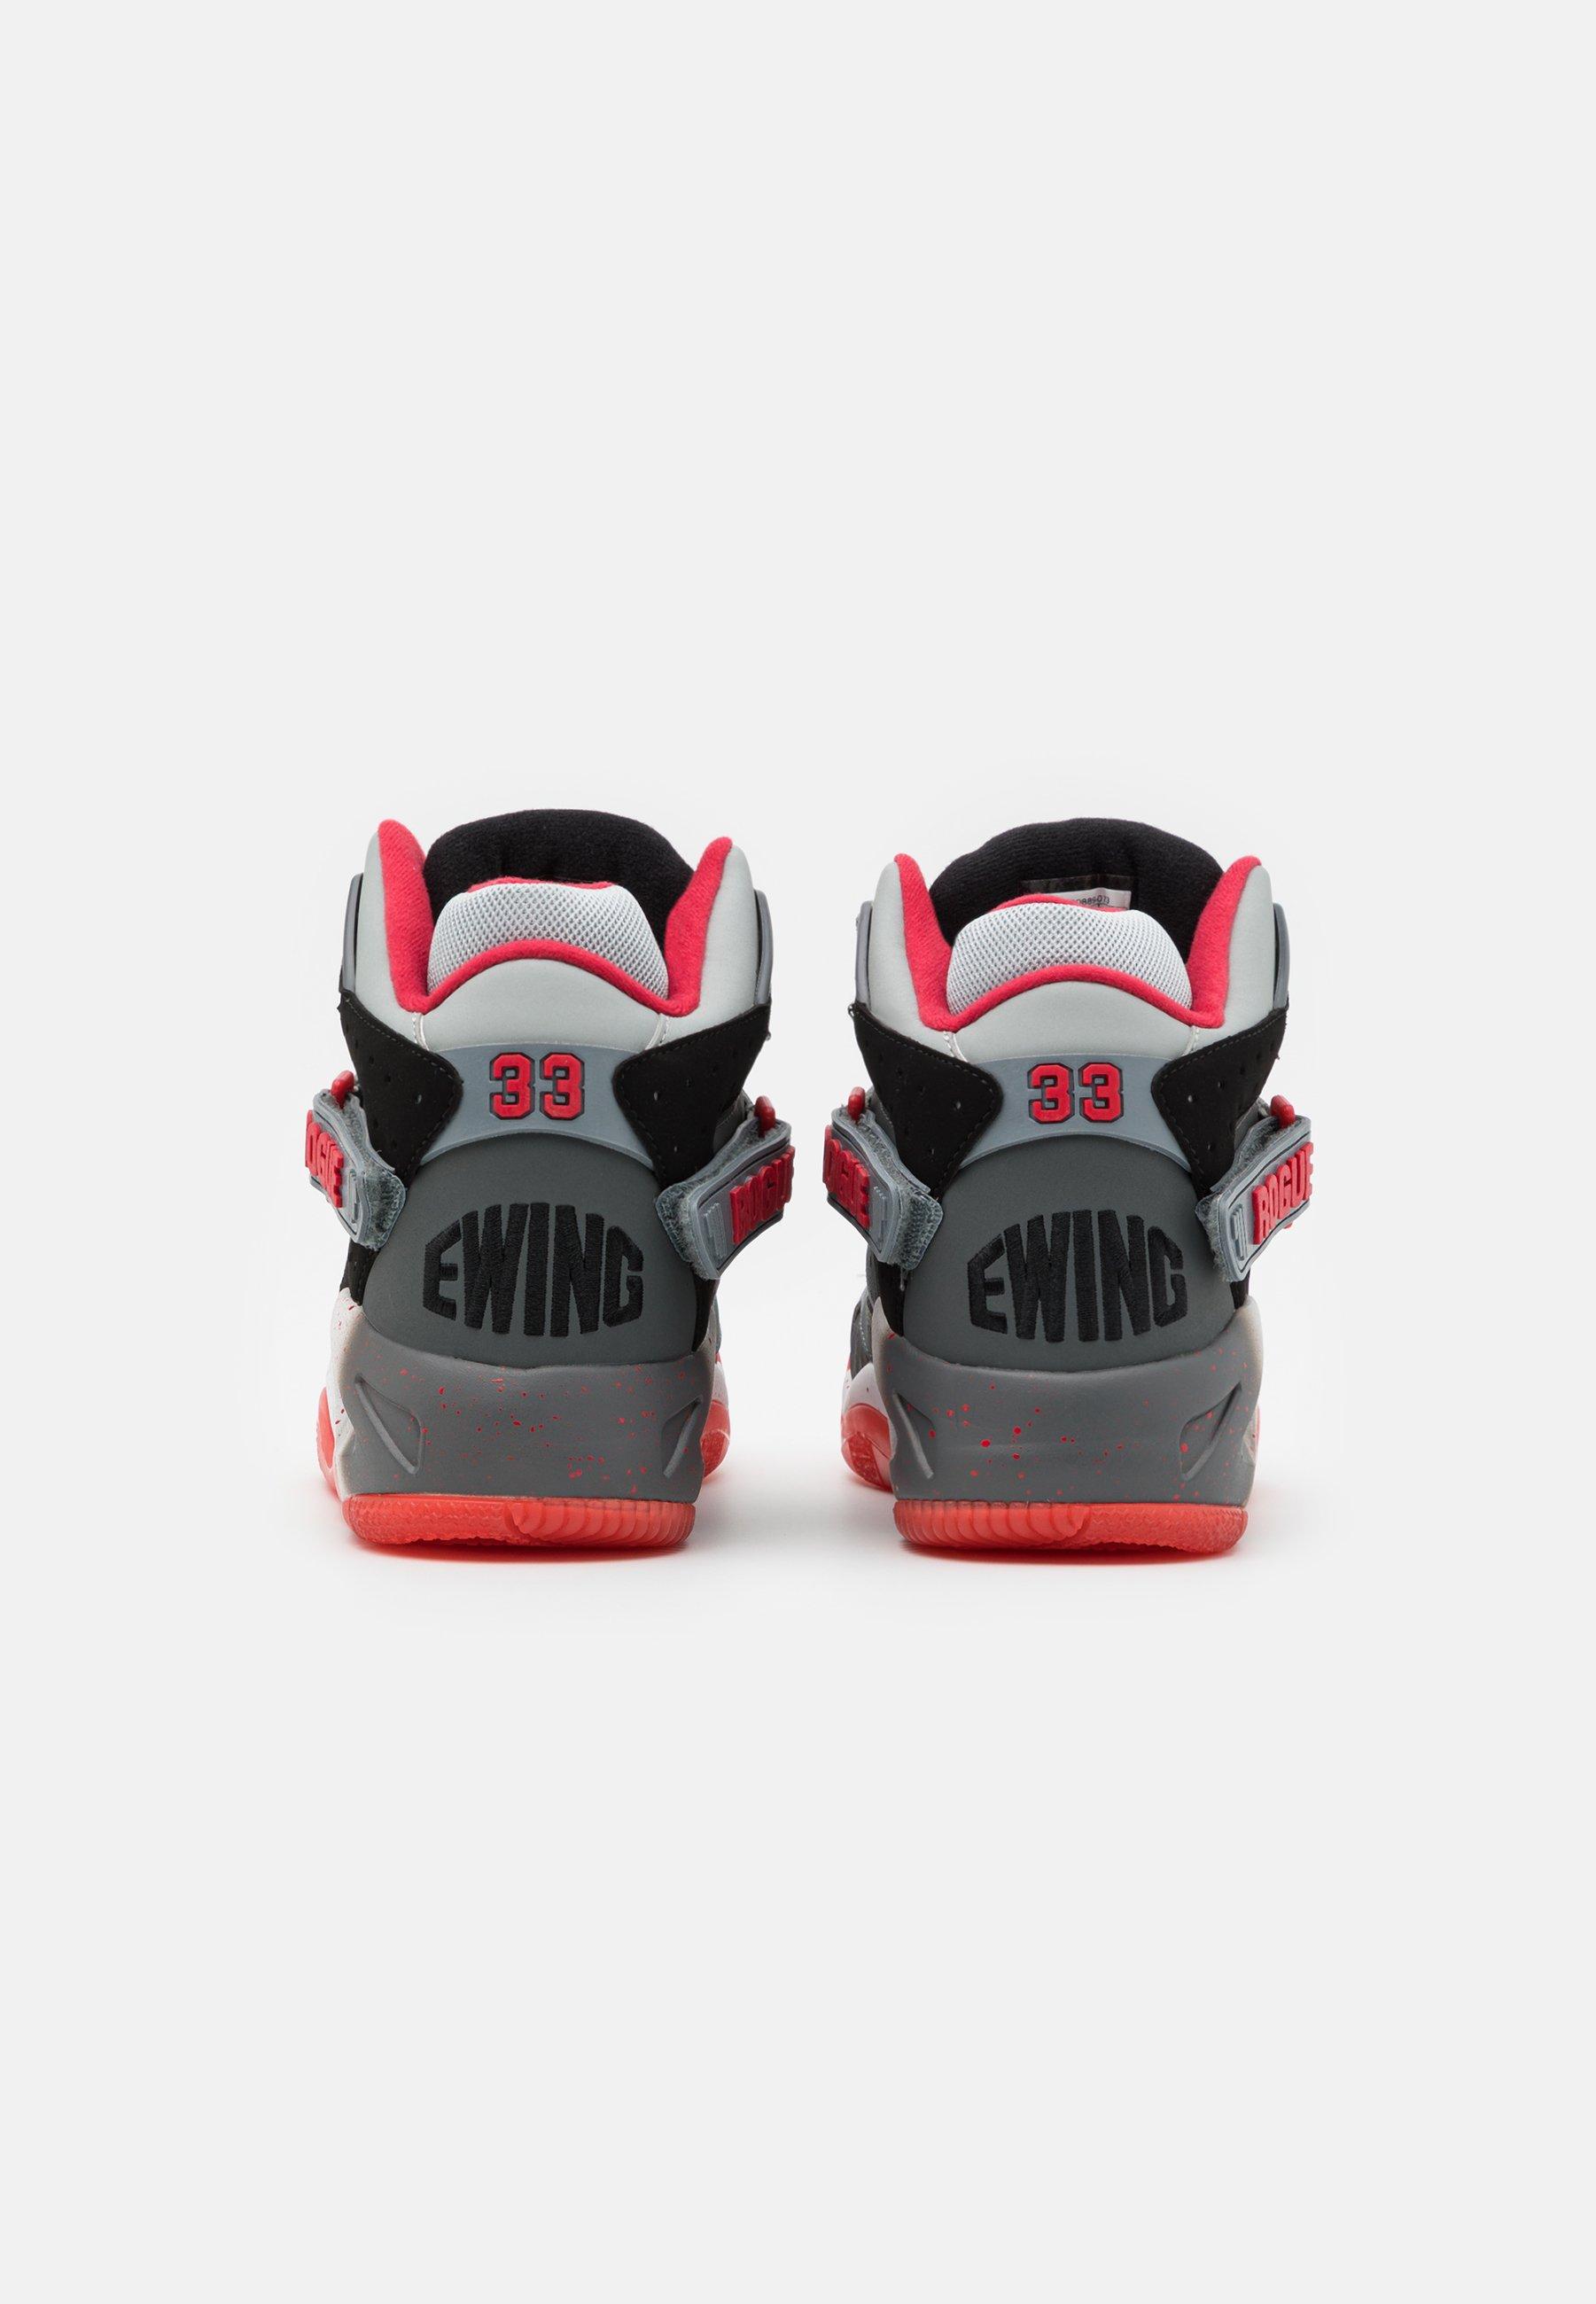 Ewing ROGUE X ONYX - Sneaker high - grey/black/red/grau - Herrenschuhe cMSLX